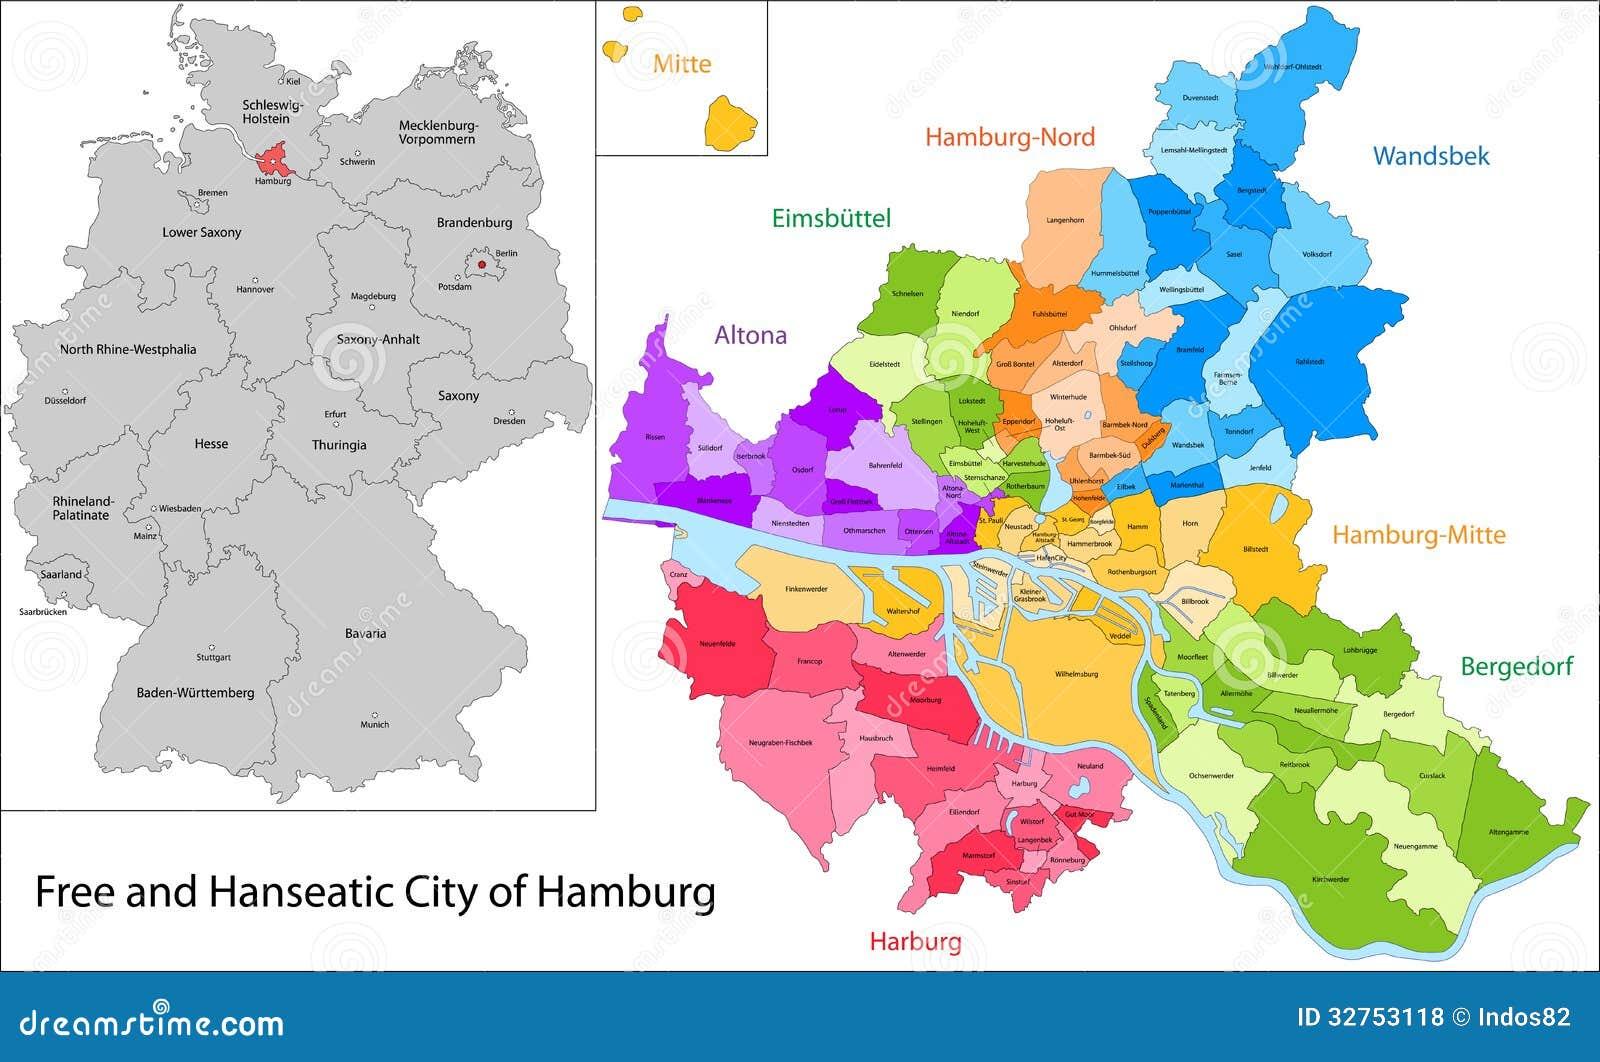 Free and Hanseatic City of Hamburg